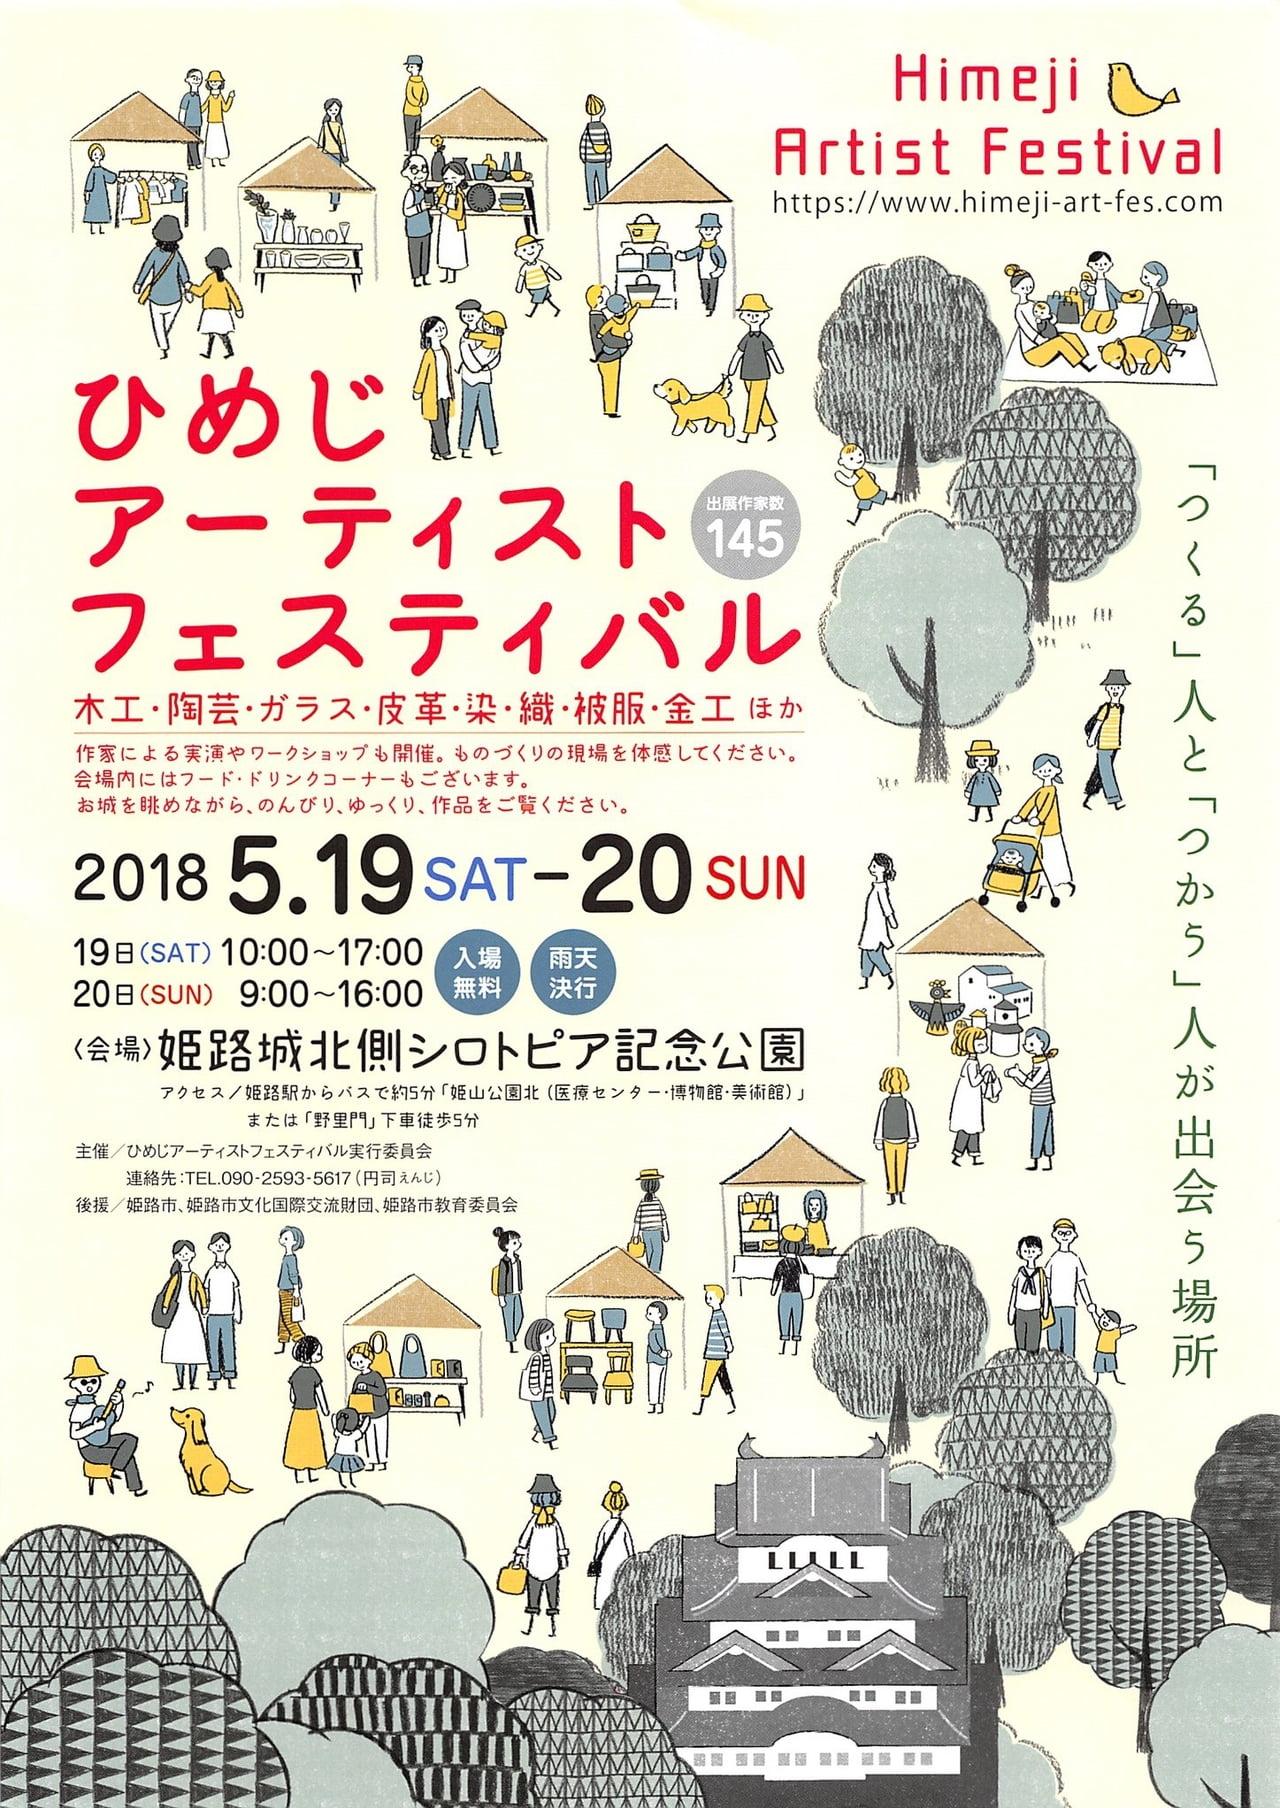 【5月19日・20日開催】ひめじアーティストフェスティバル2018〜県内外からの有名店や作家数145!〜